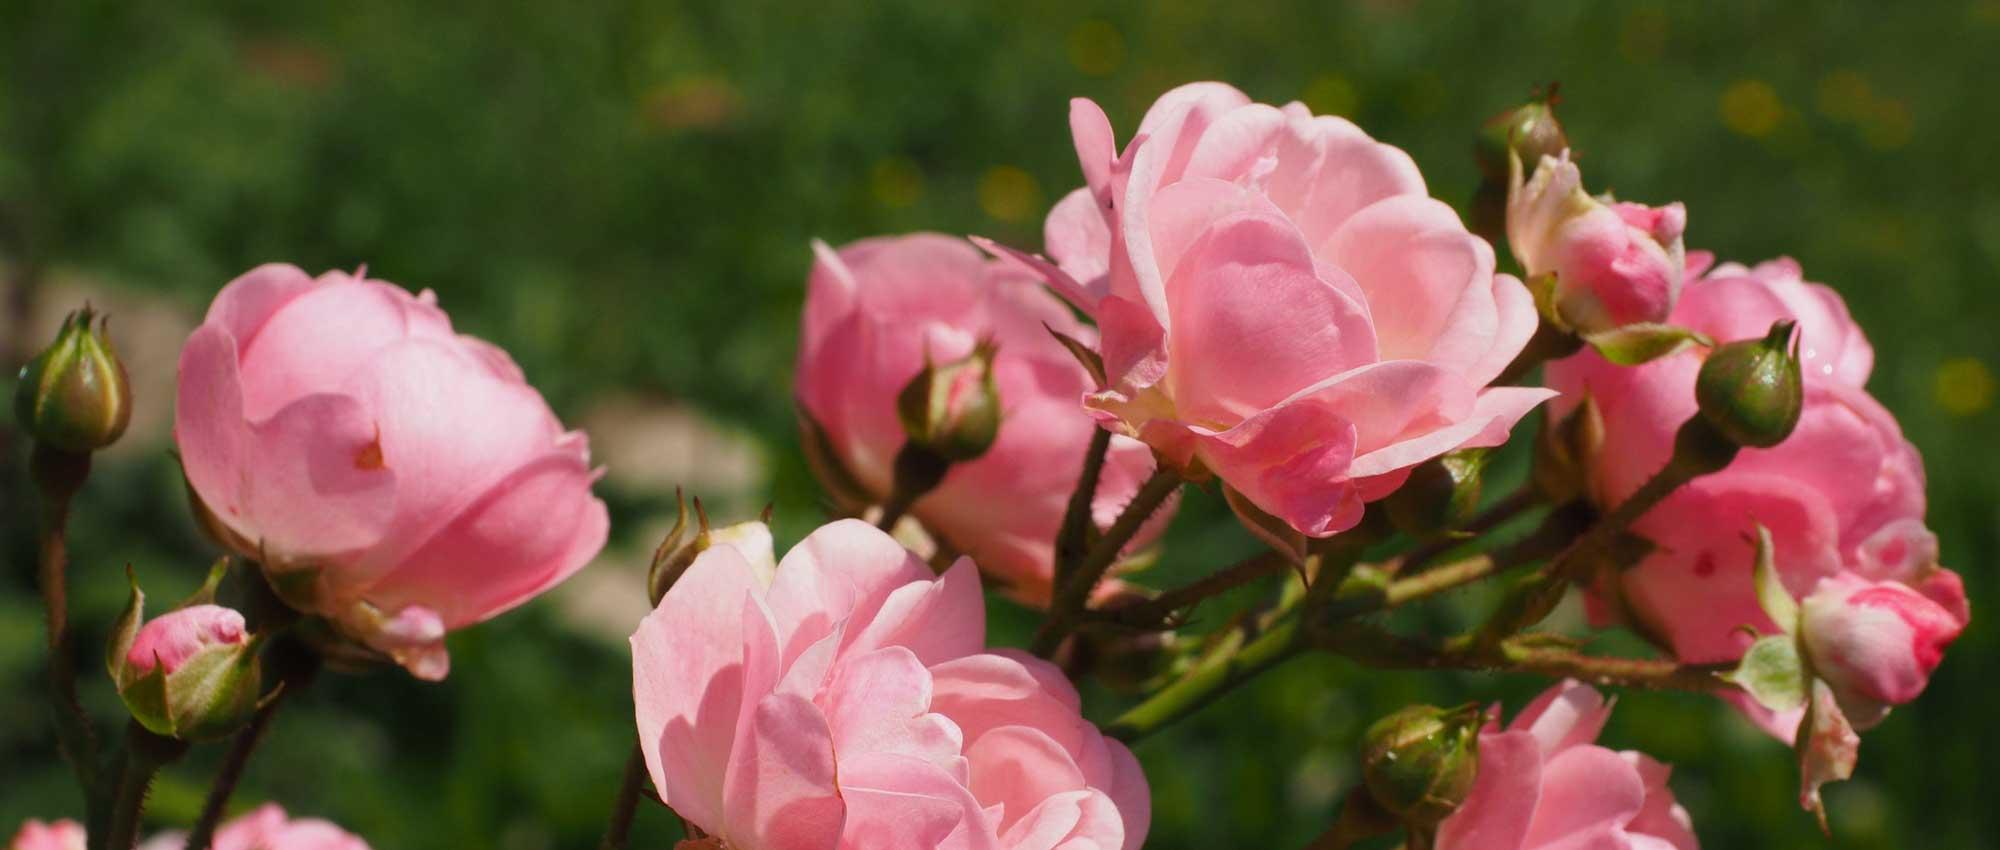 Couper Les Rosiers En Octobre rosiers : tous nos conseils pour bien les choisir ! - blog